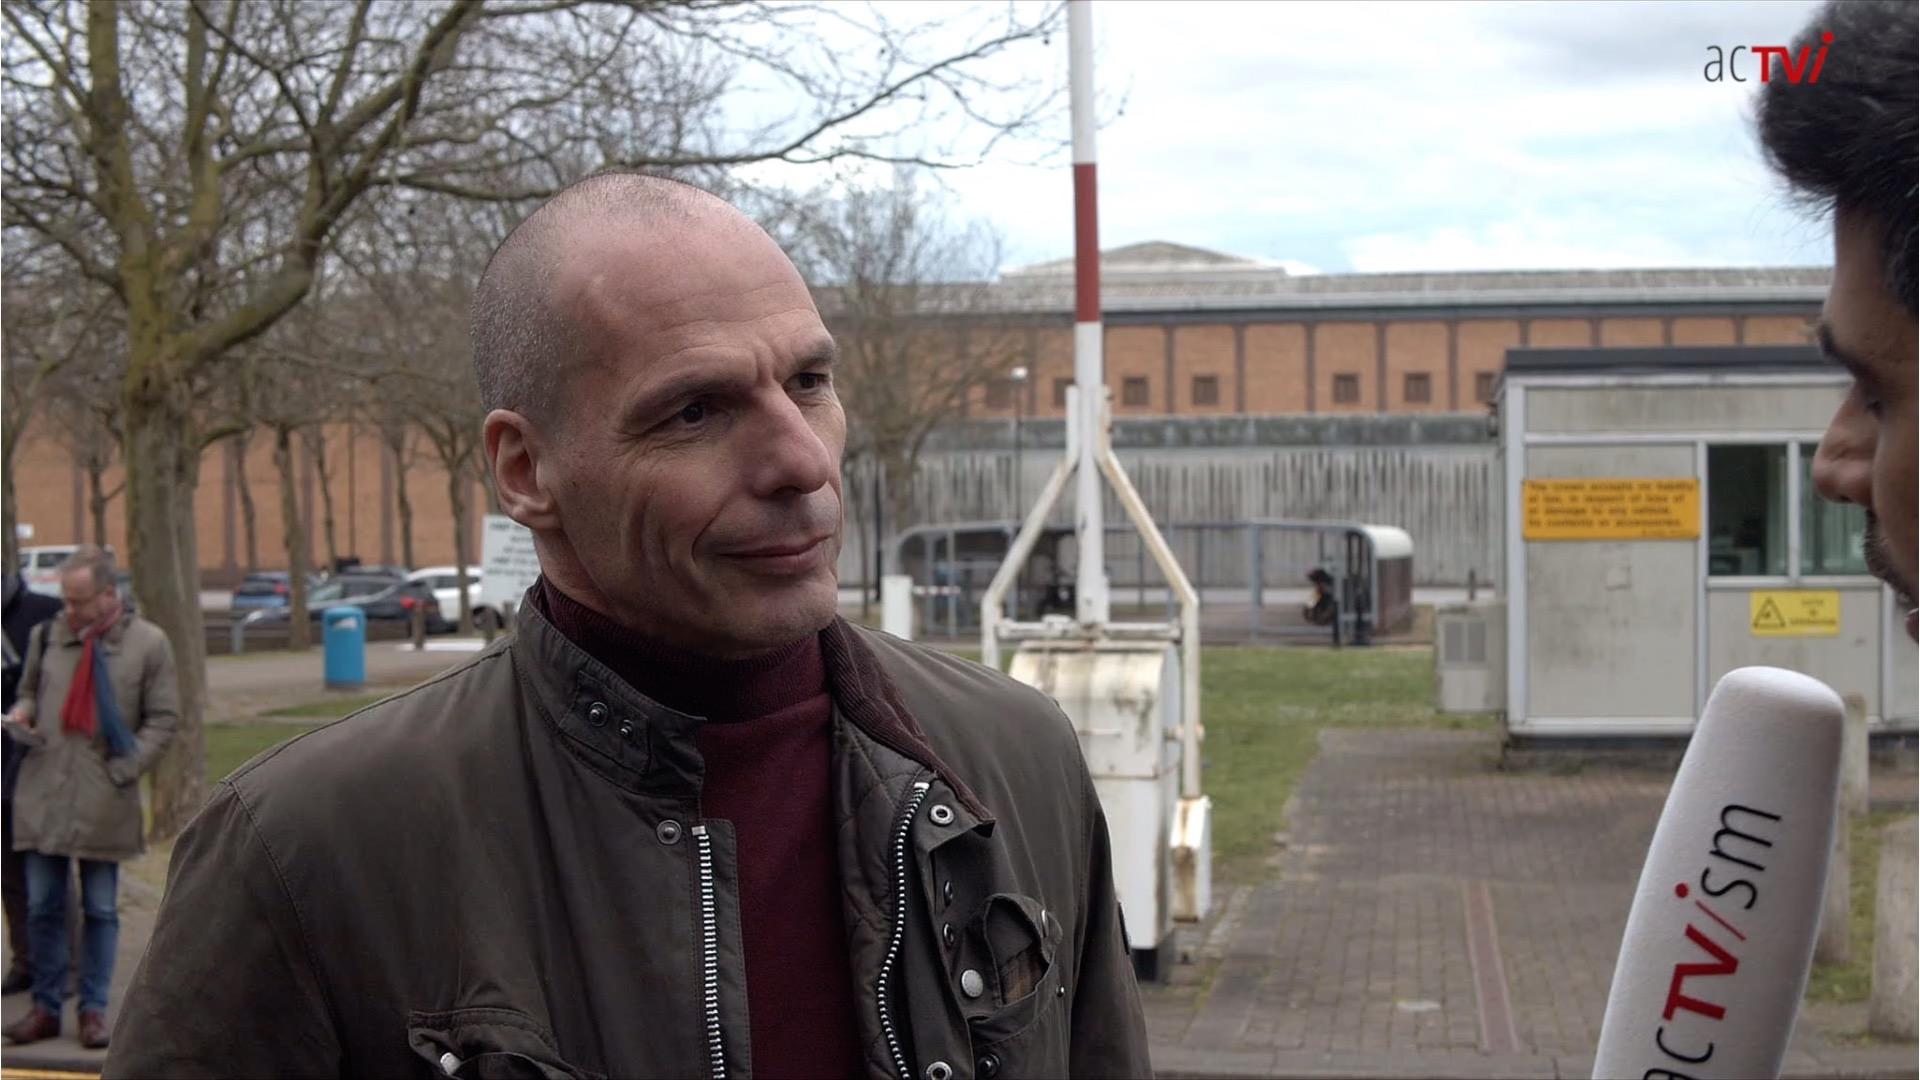 Julian Assange Yanis Varoufakis